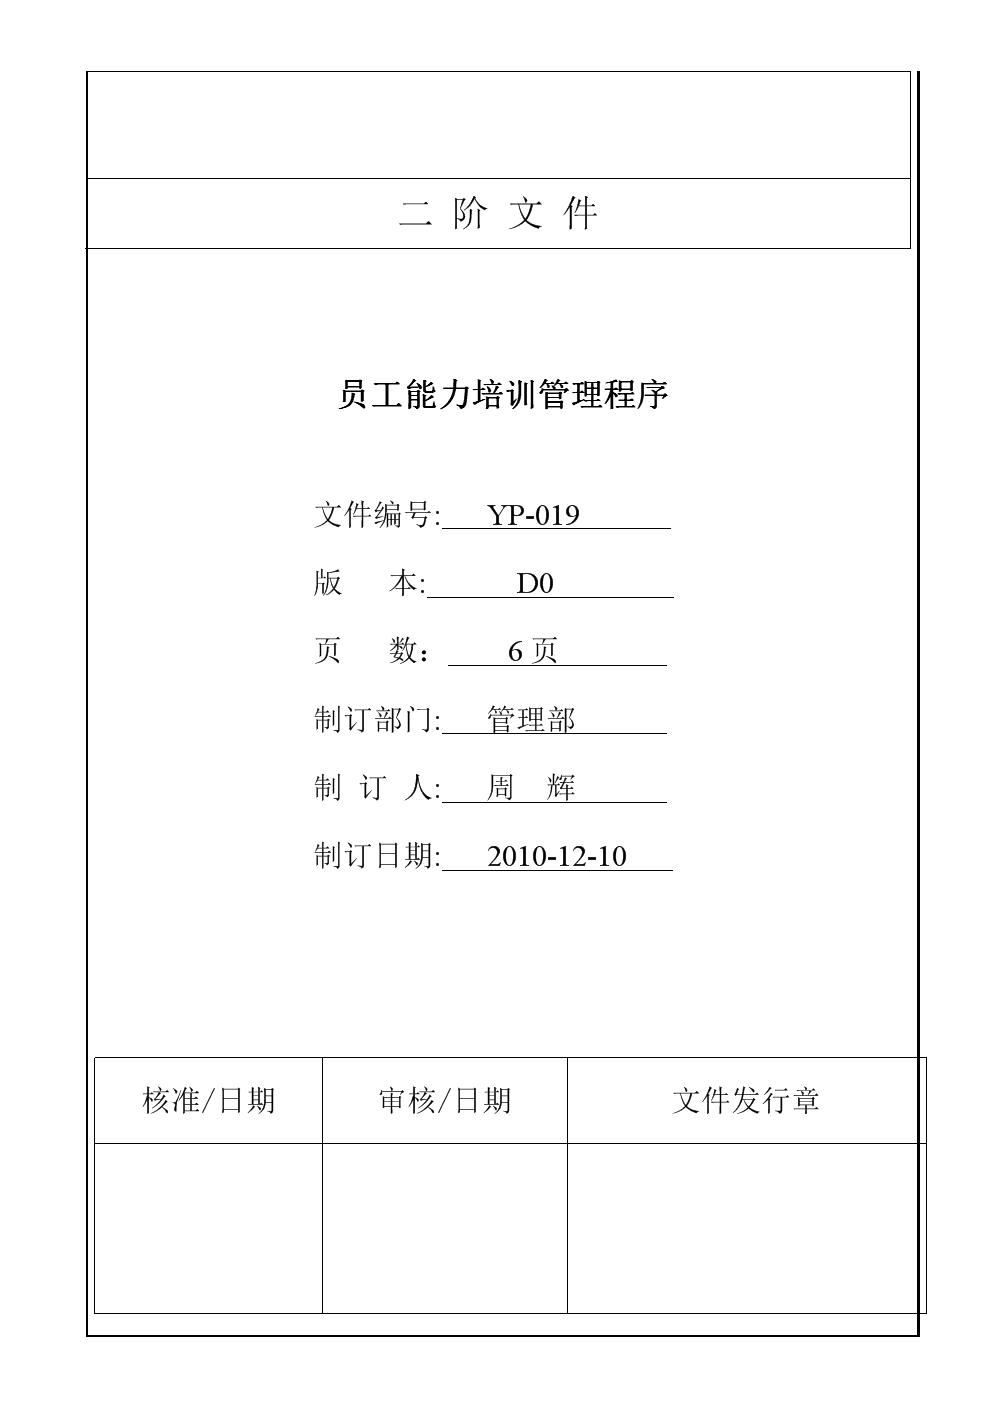 YP-019 员工能力培训管理程序.doc